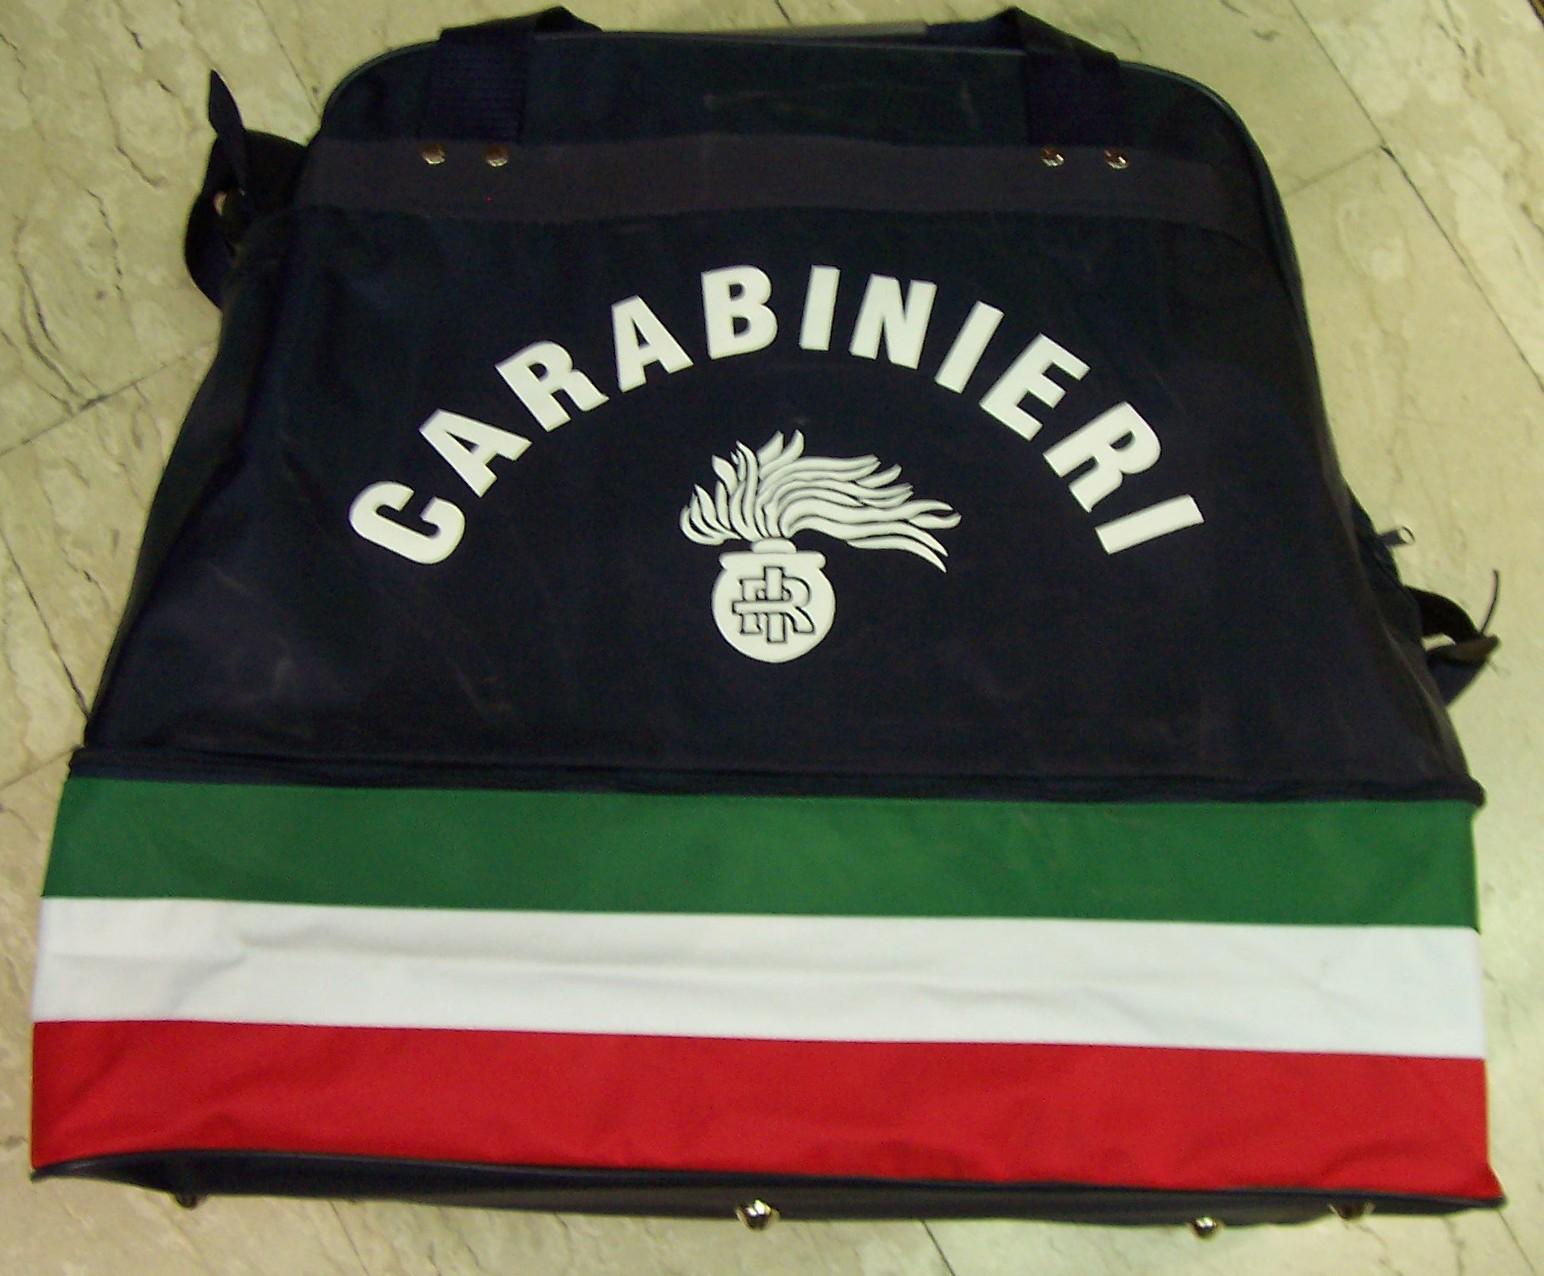 Carabinieri Altopascio